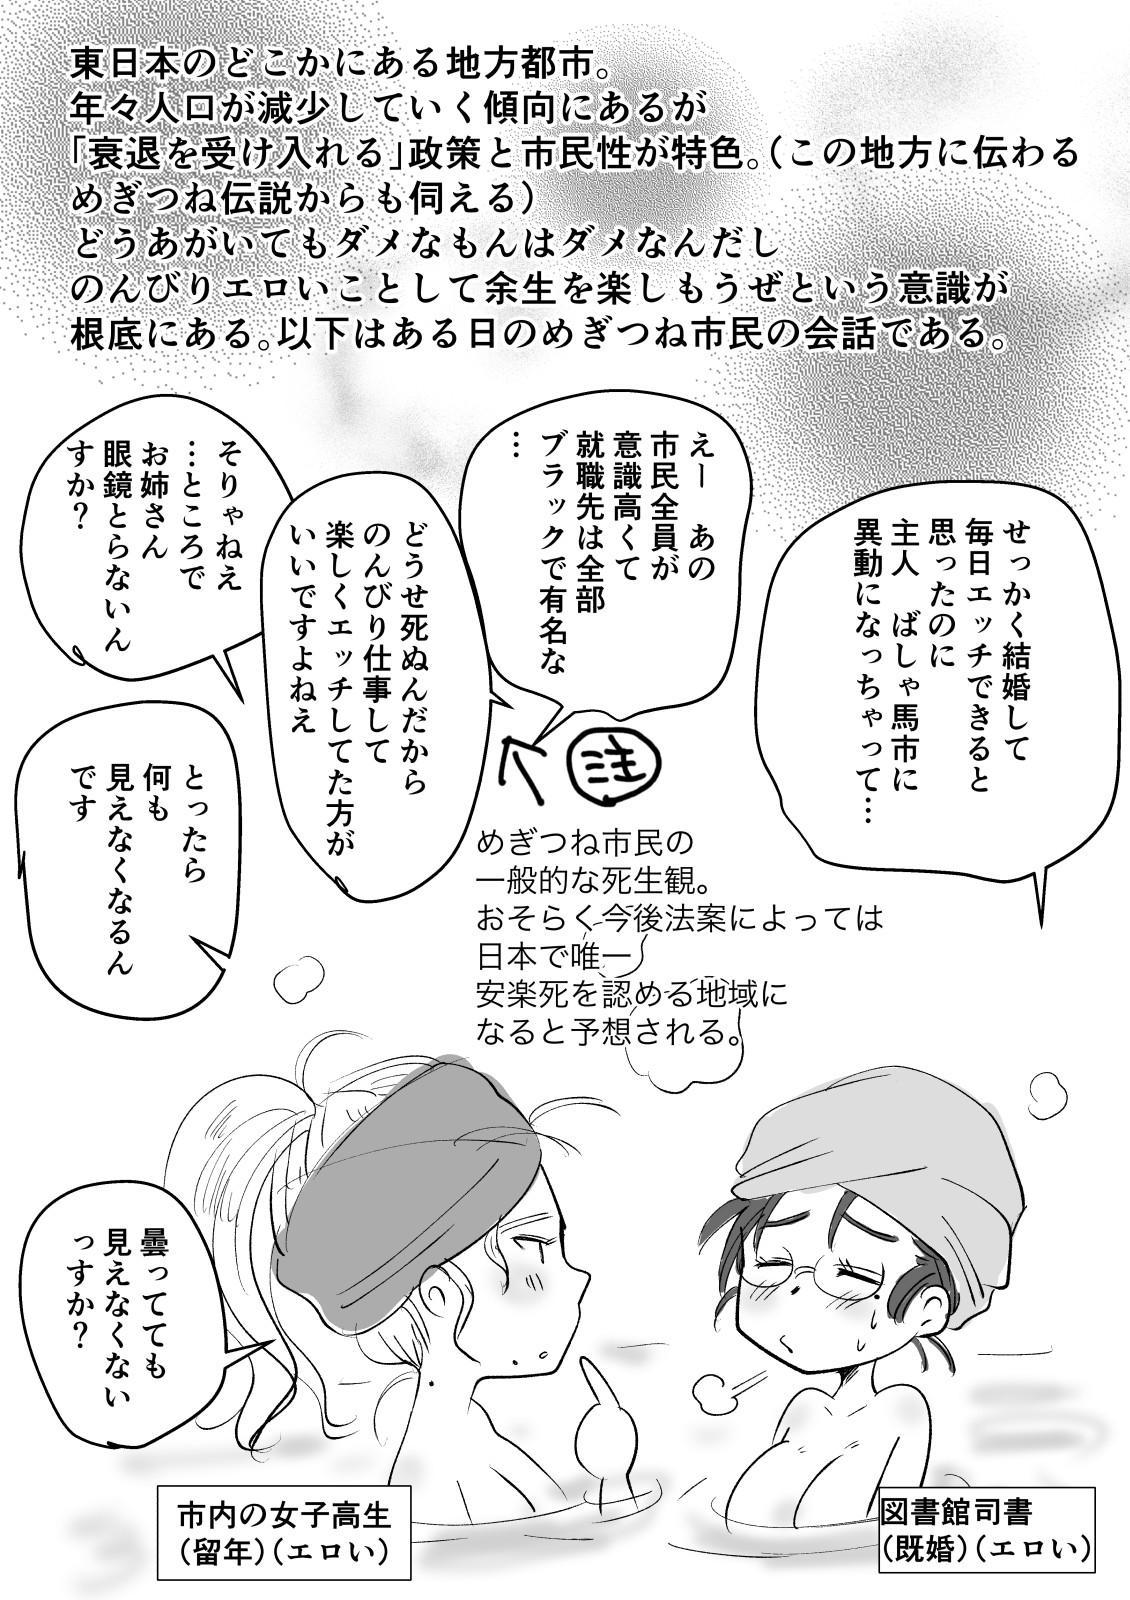 [Megitsune Works] Wakazuma-san wa Yokkyuu Fuman! Akogare no Shisho no Wakazuma-san ga Gakusei Beit no Boku no Fudeoroshi o Shite kuremashita. 80